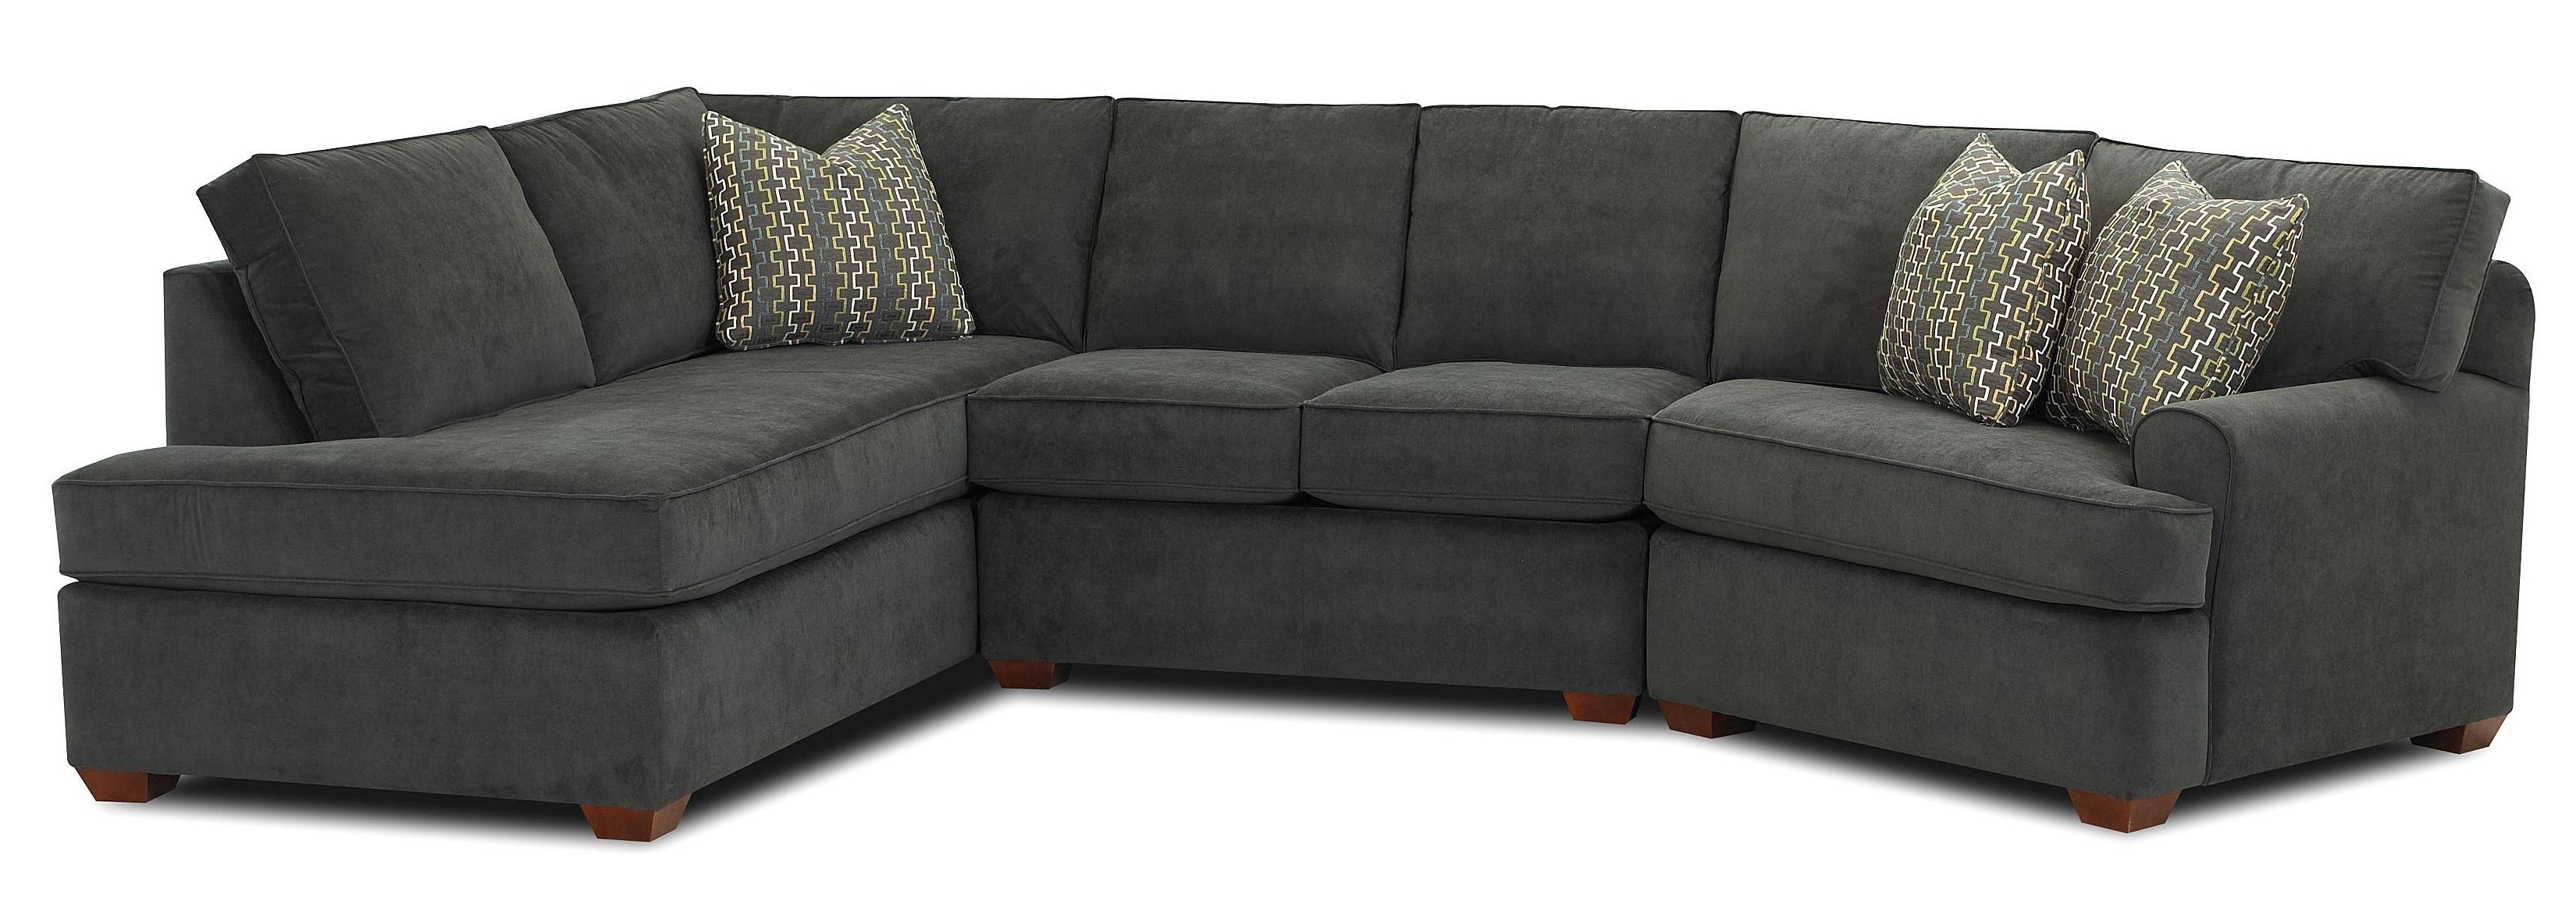 Pinterest Regarding Sectional Sofas At Brampton (View 2 of 15)